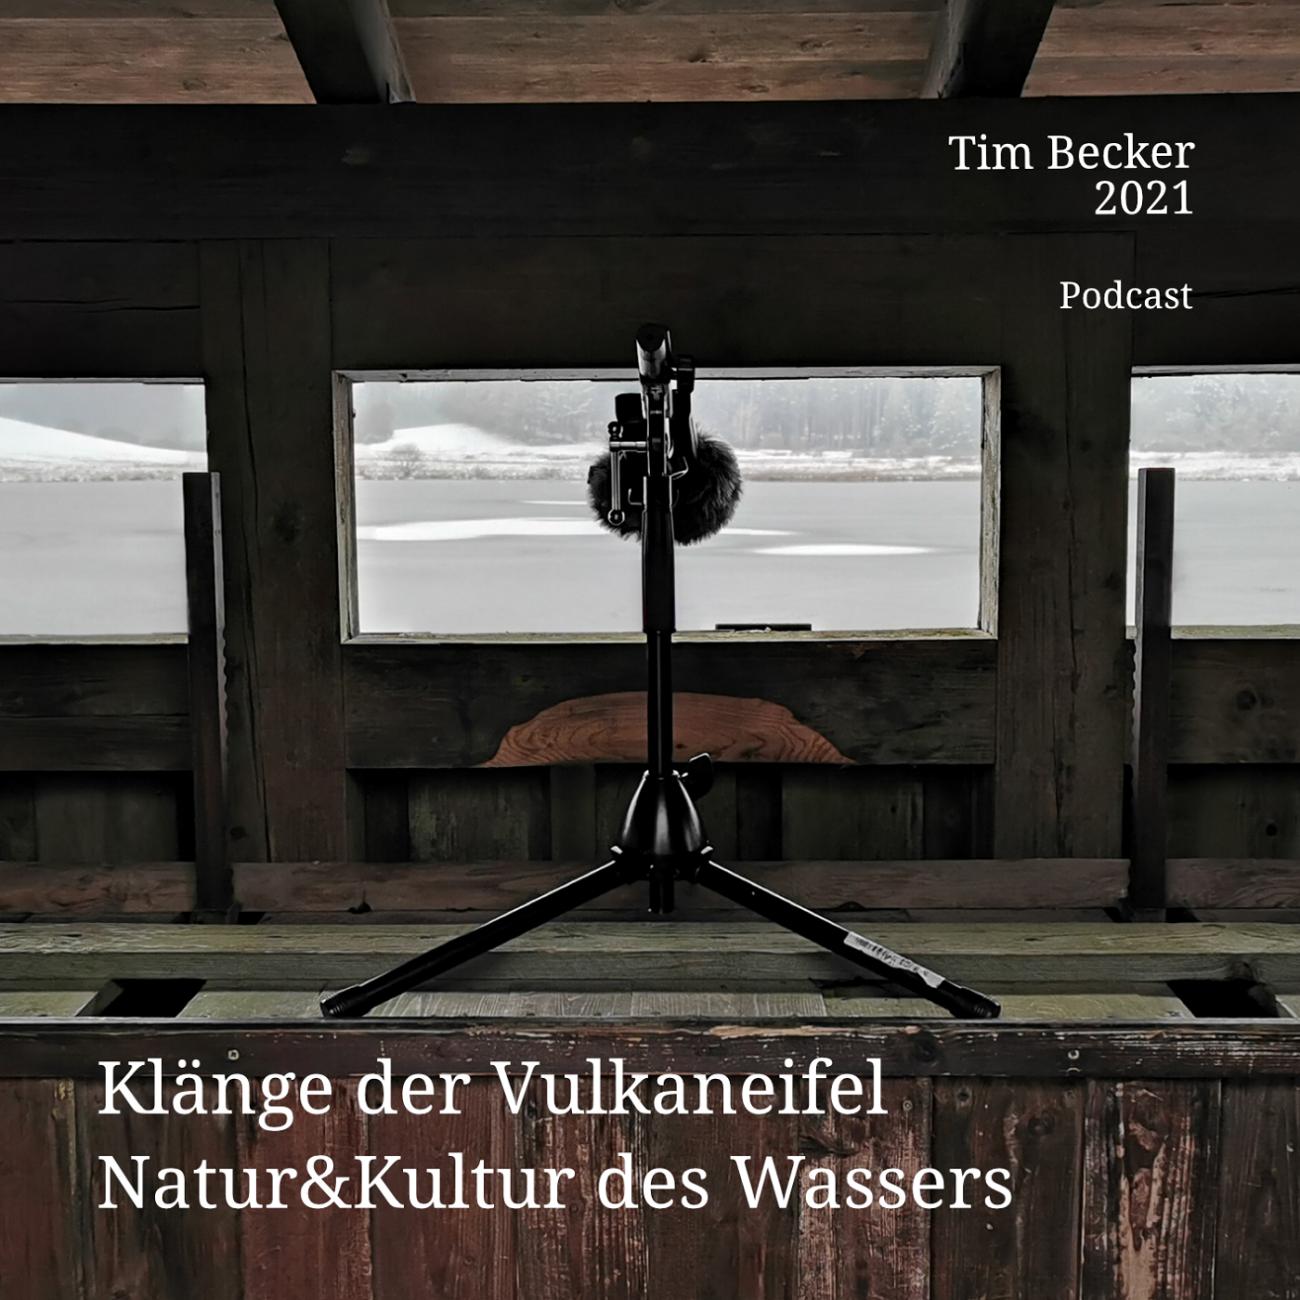 Dr. Tim Becker, Klänge der Vulkaneifel: Natur&Kultur